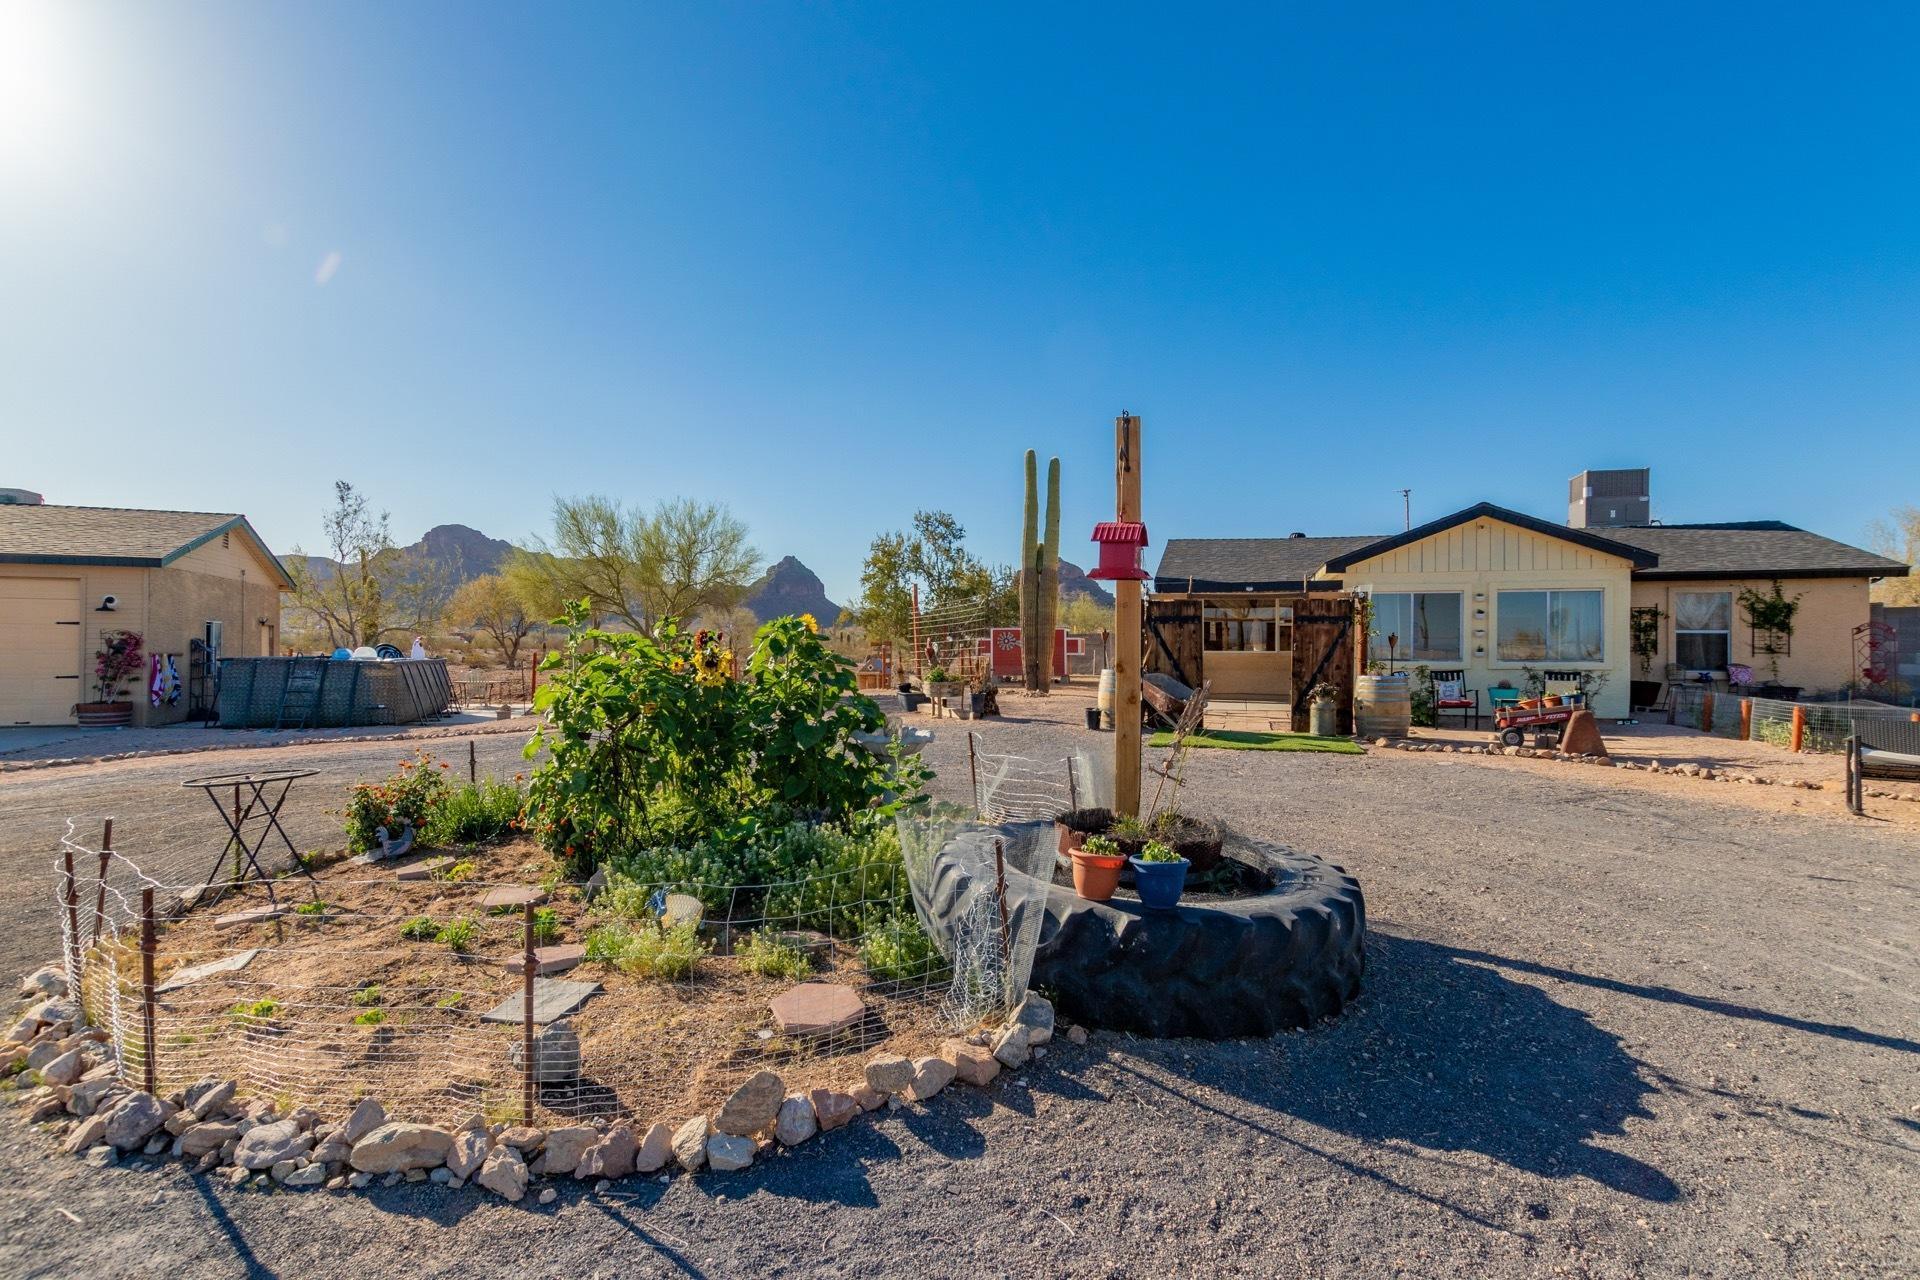 27012 ELLSWORTH Road, Queen Creek, Arizona 85142, 2 Bedrooms Bedrooms, ,2 BathroomsBathrooms,Residential,For Sale,ELLSWORTH,6220561